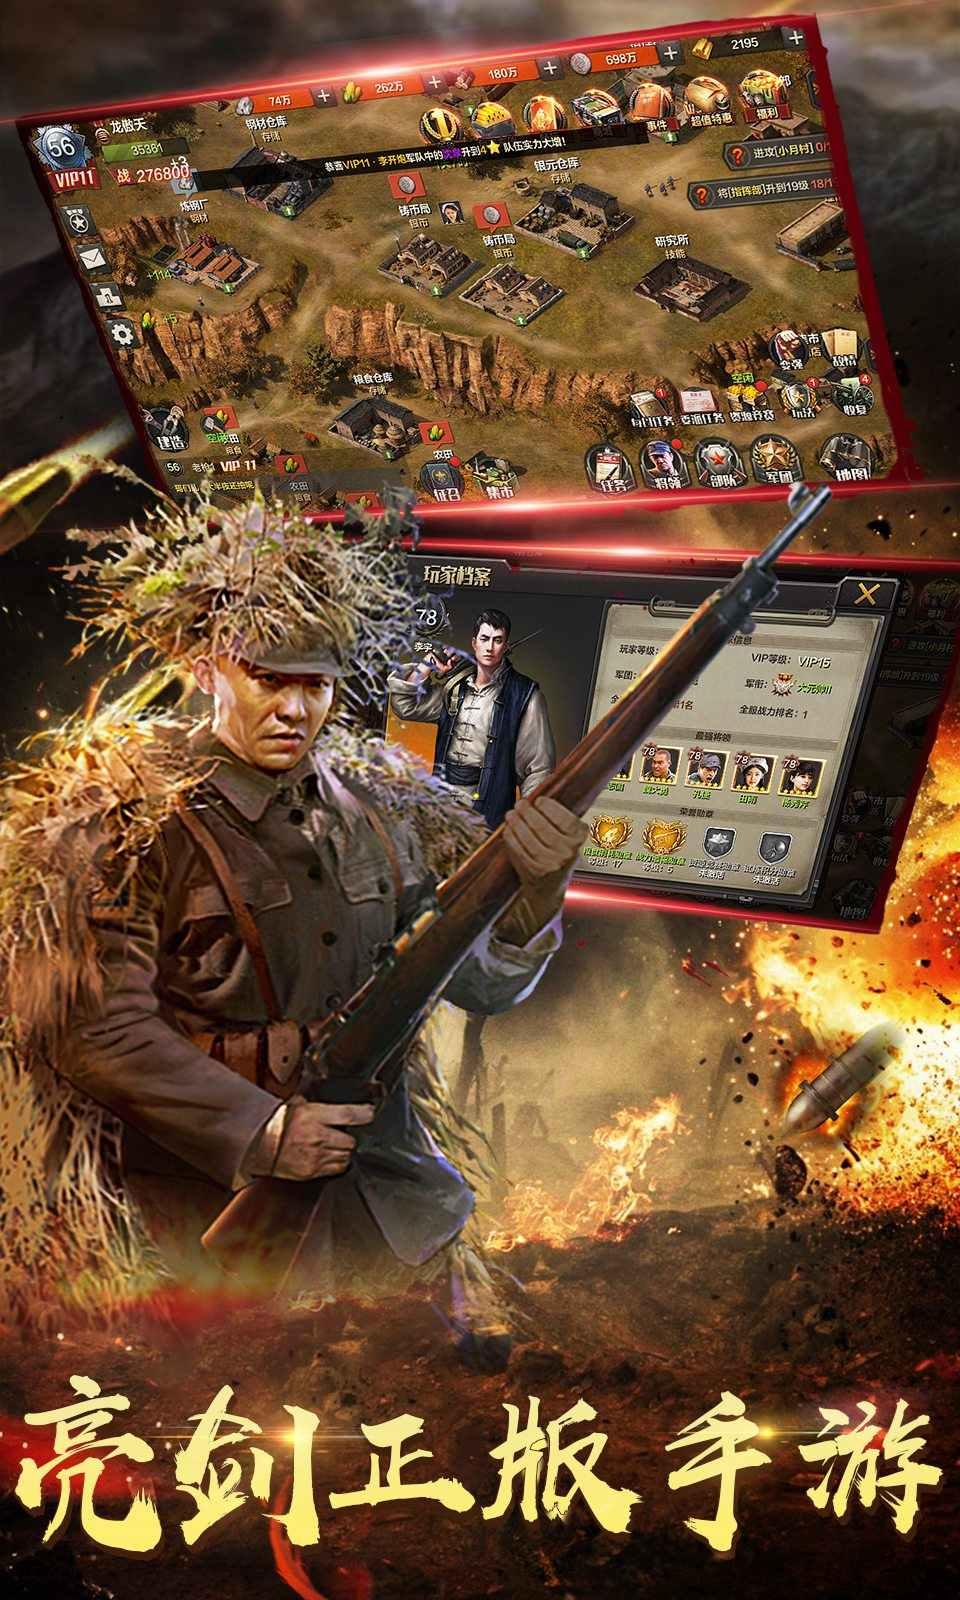 手机游戏通用版_亮剑-正版授权_安卓手机游戏免费版下载_7723手机游戏